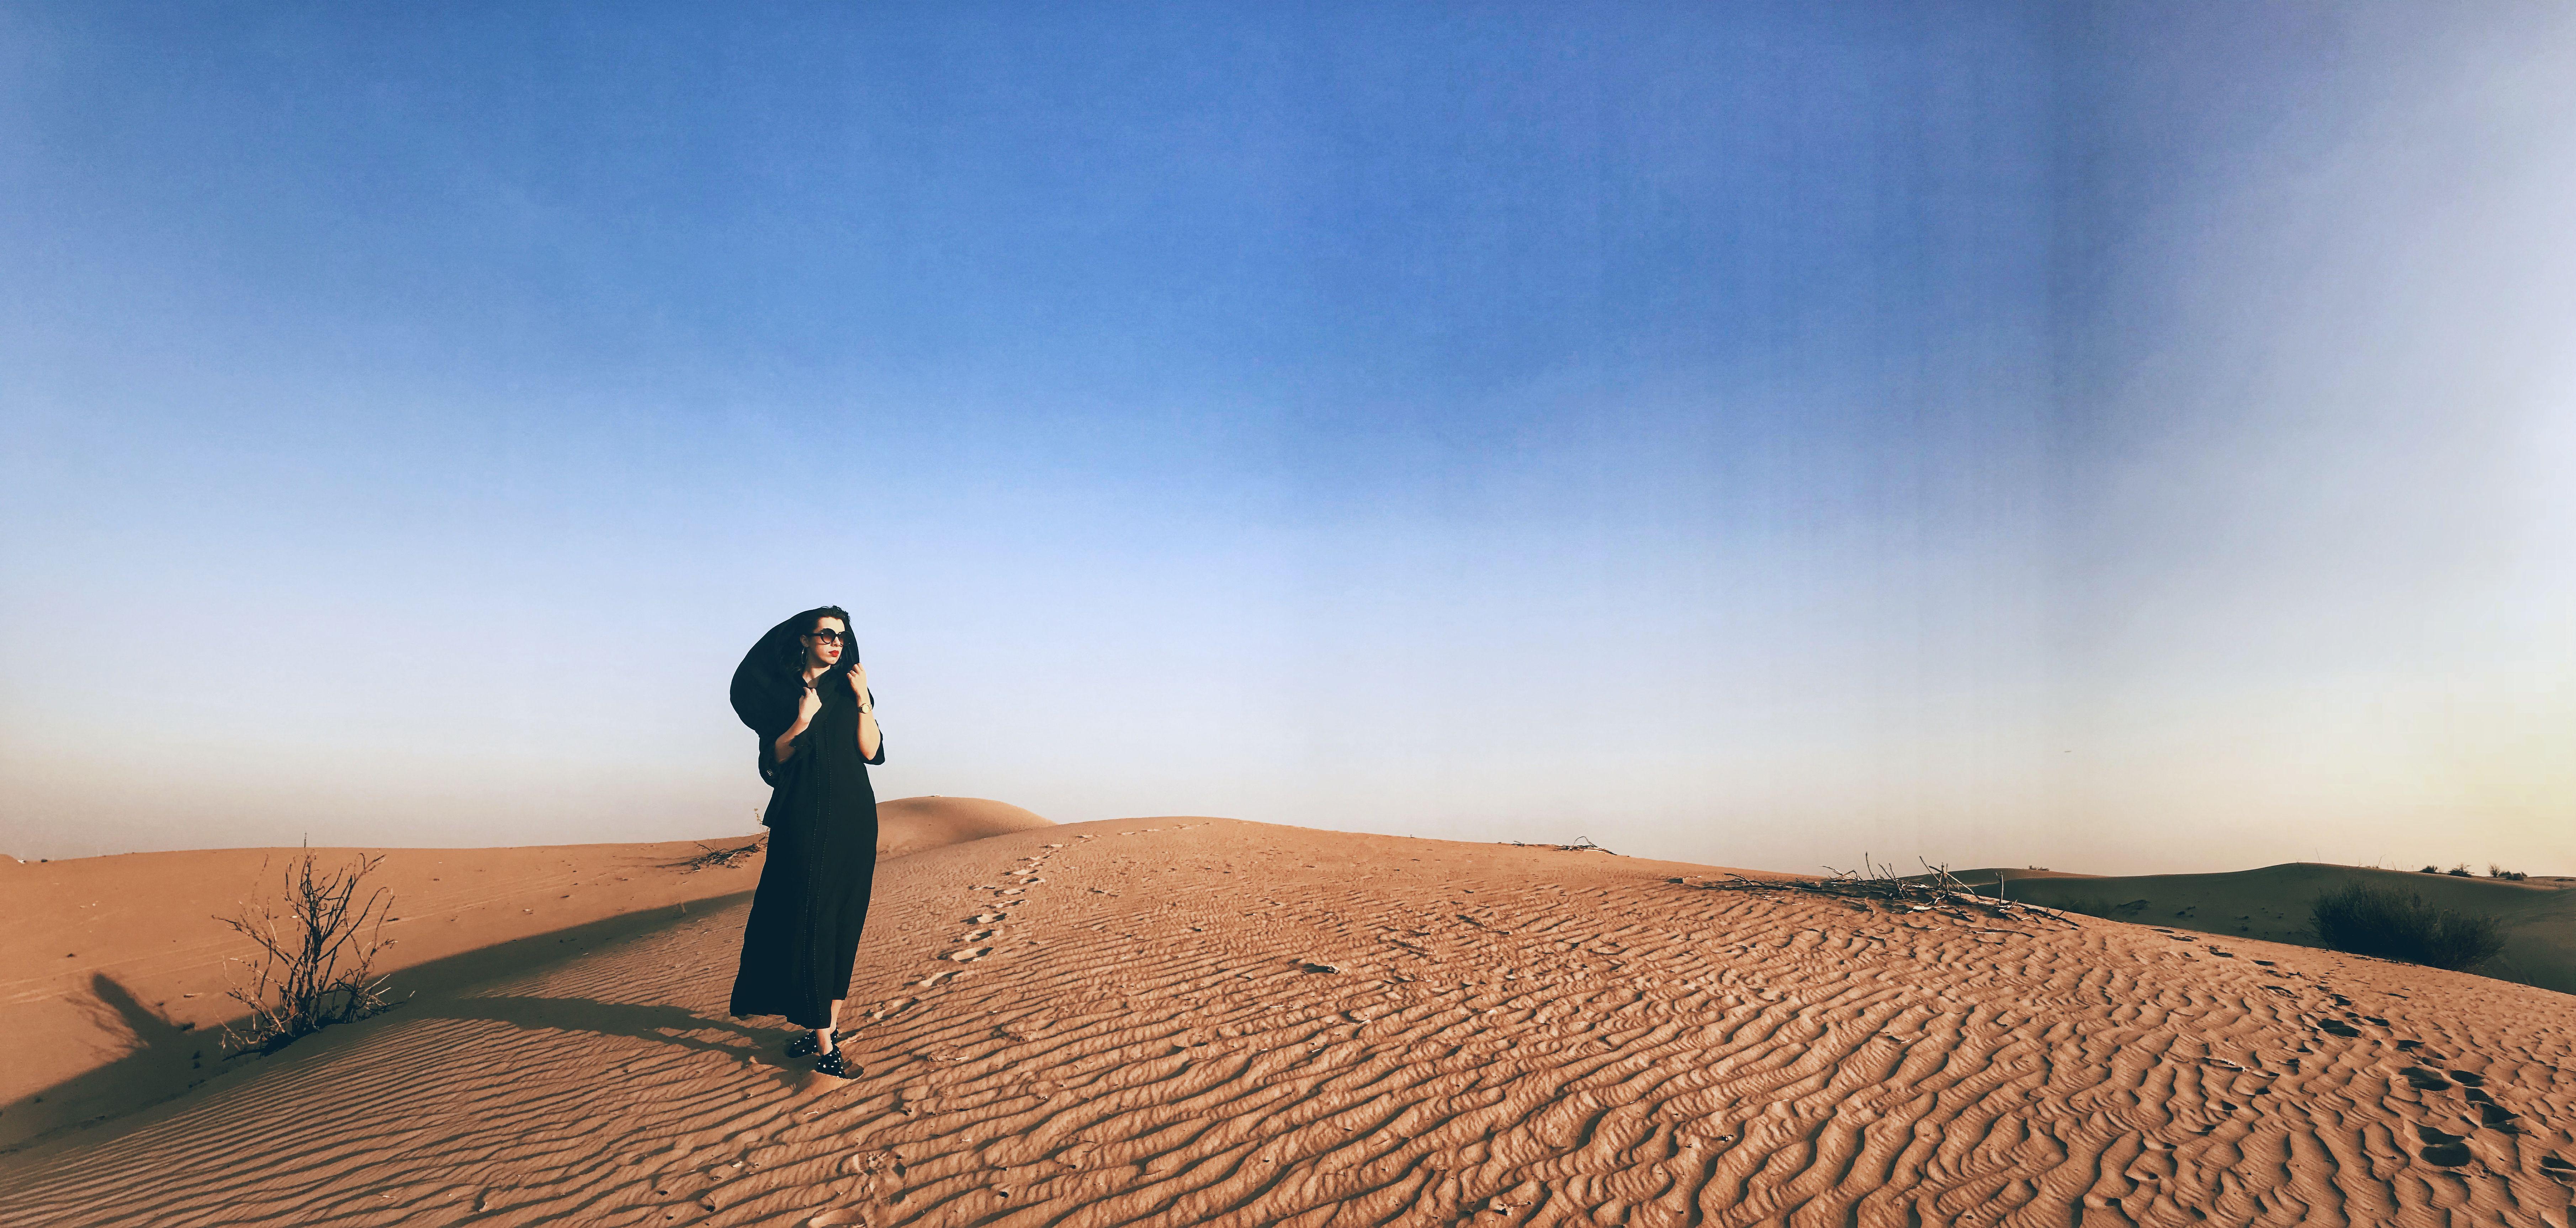 Dubai Desert | Travel 1 | Pinterest